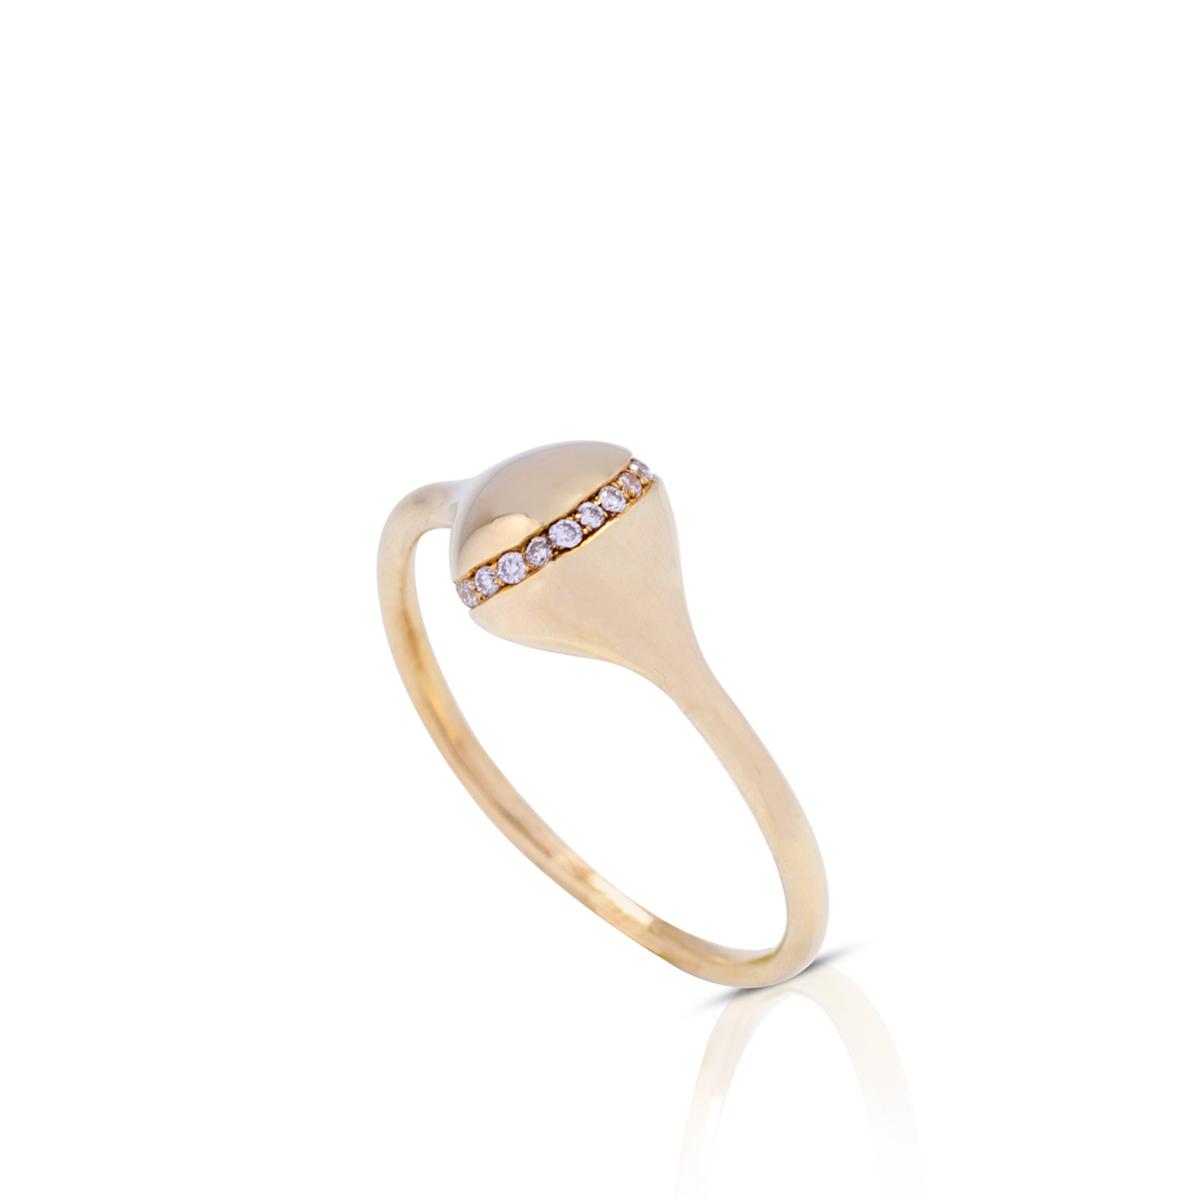 טבעת זהב עדינה ומיוחדת משובצת שורת יהלומים